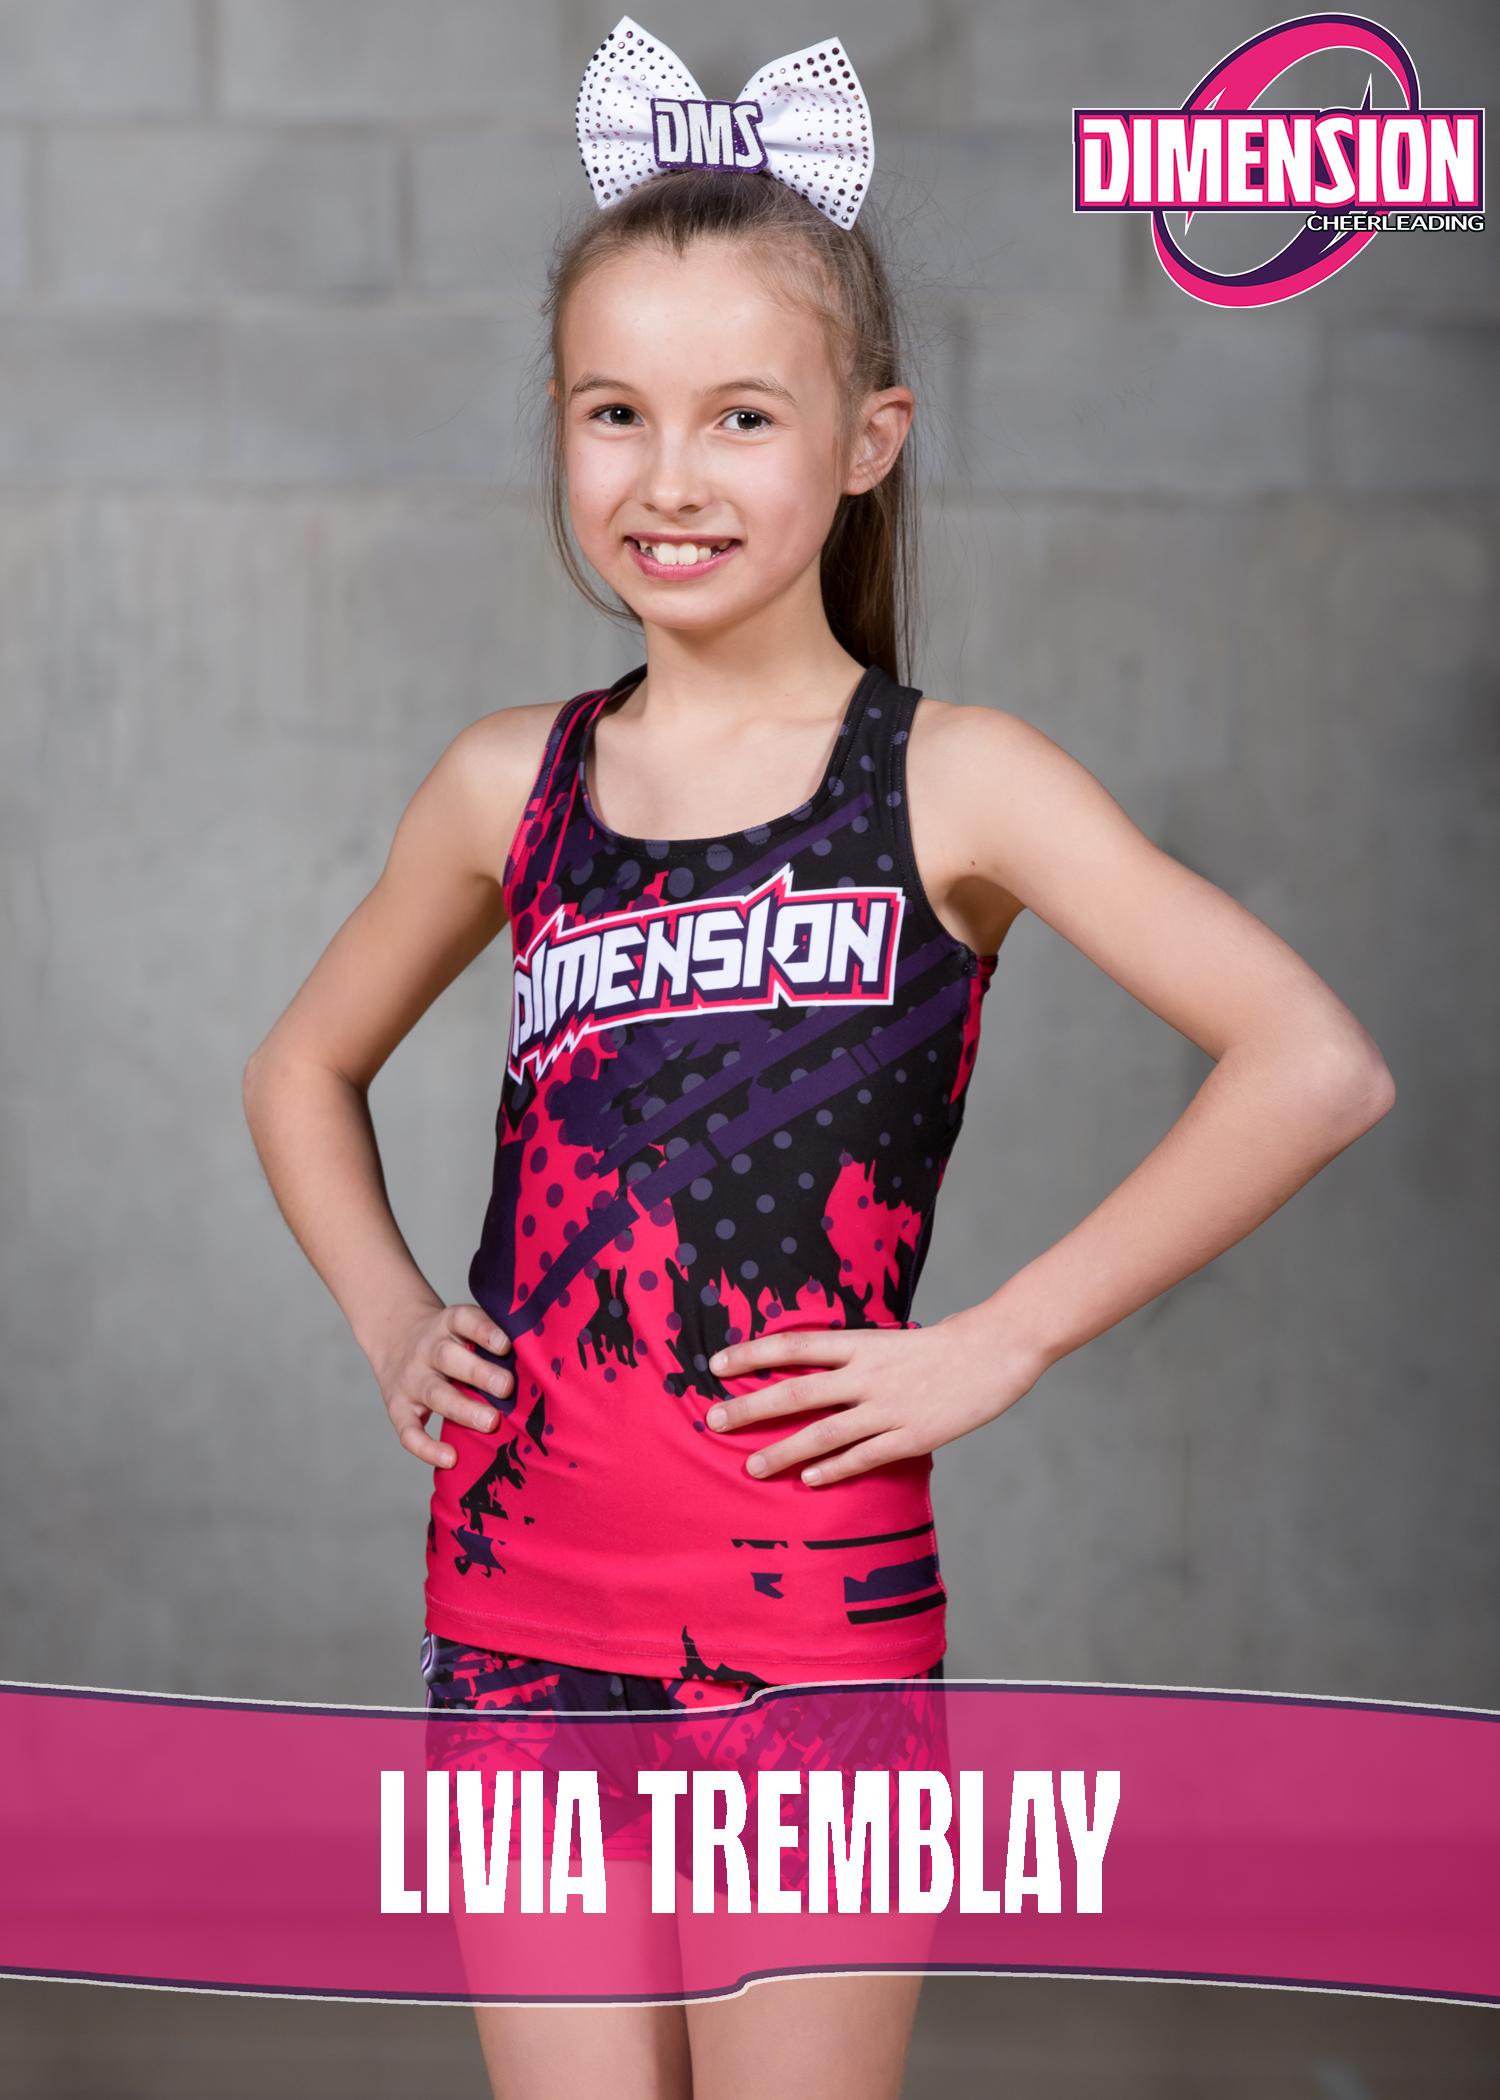 Livia Tremblay